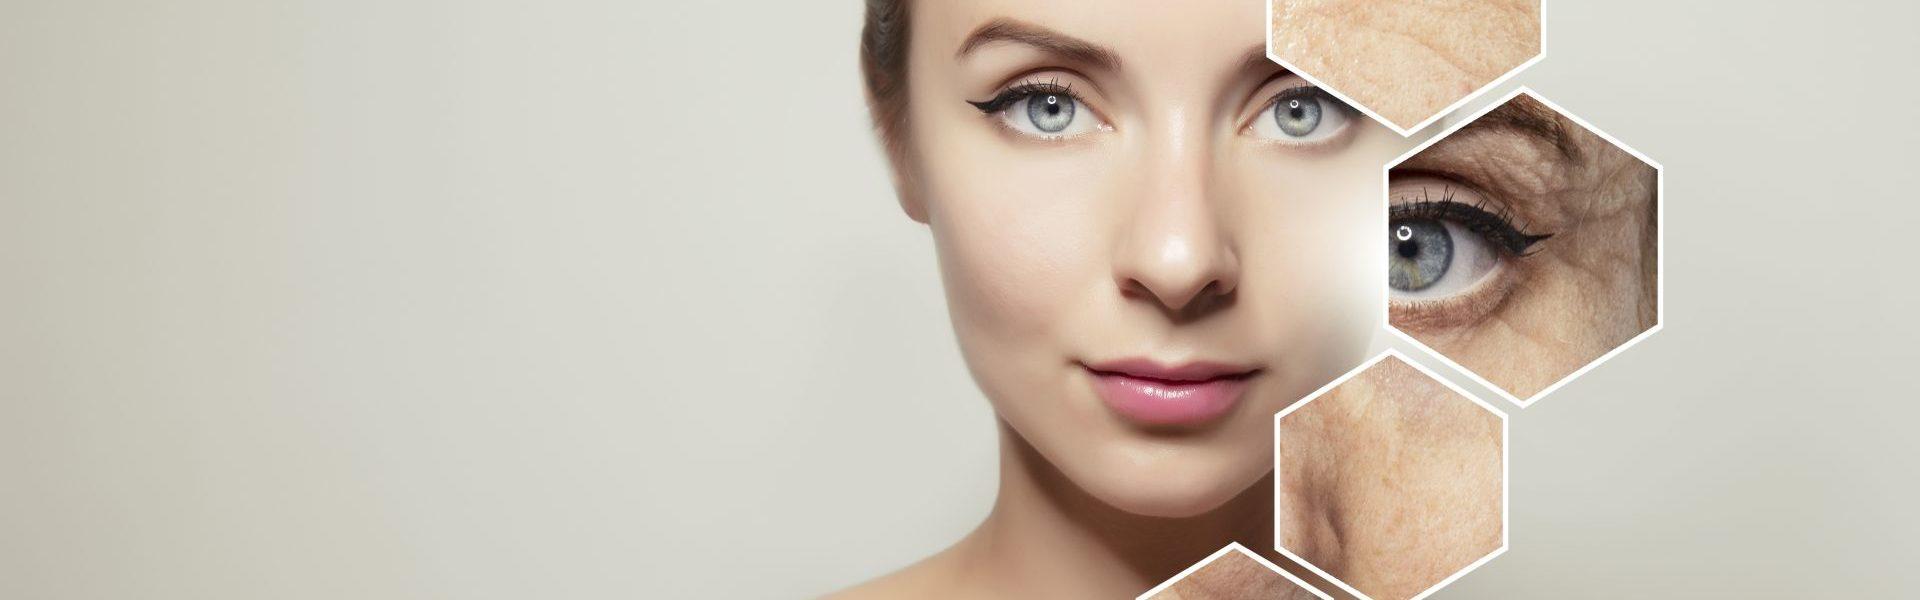 Usuwanie naczynek u kosmetyczki